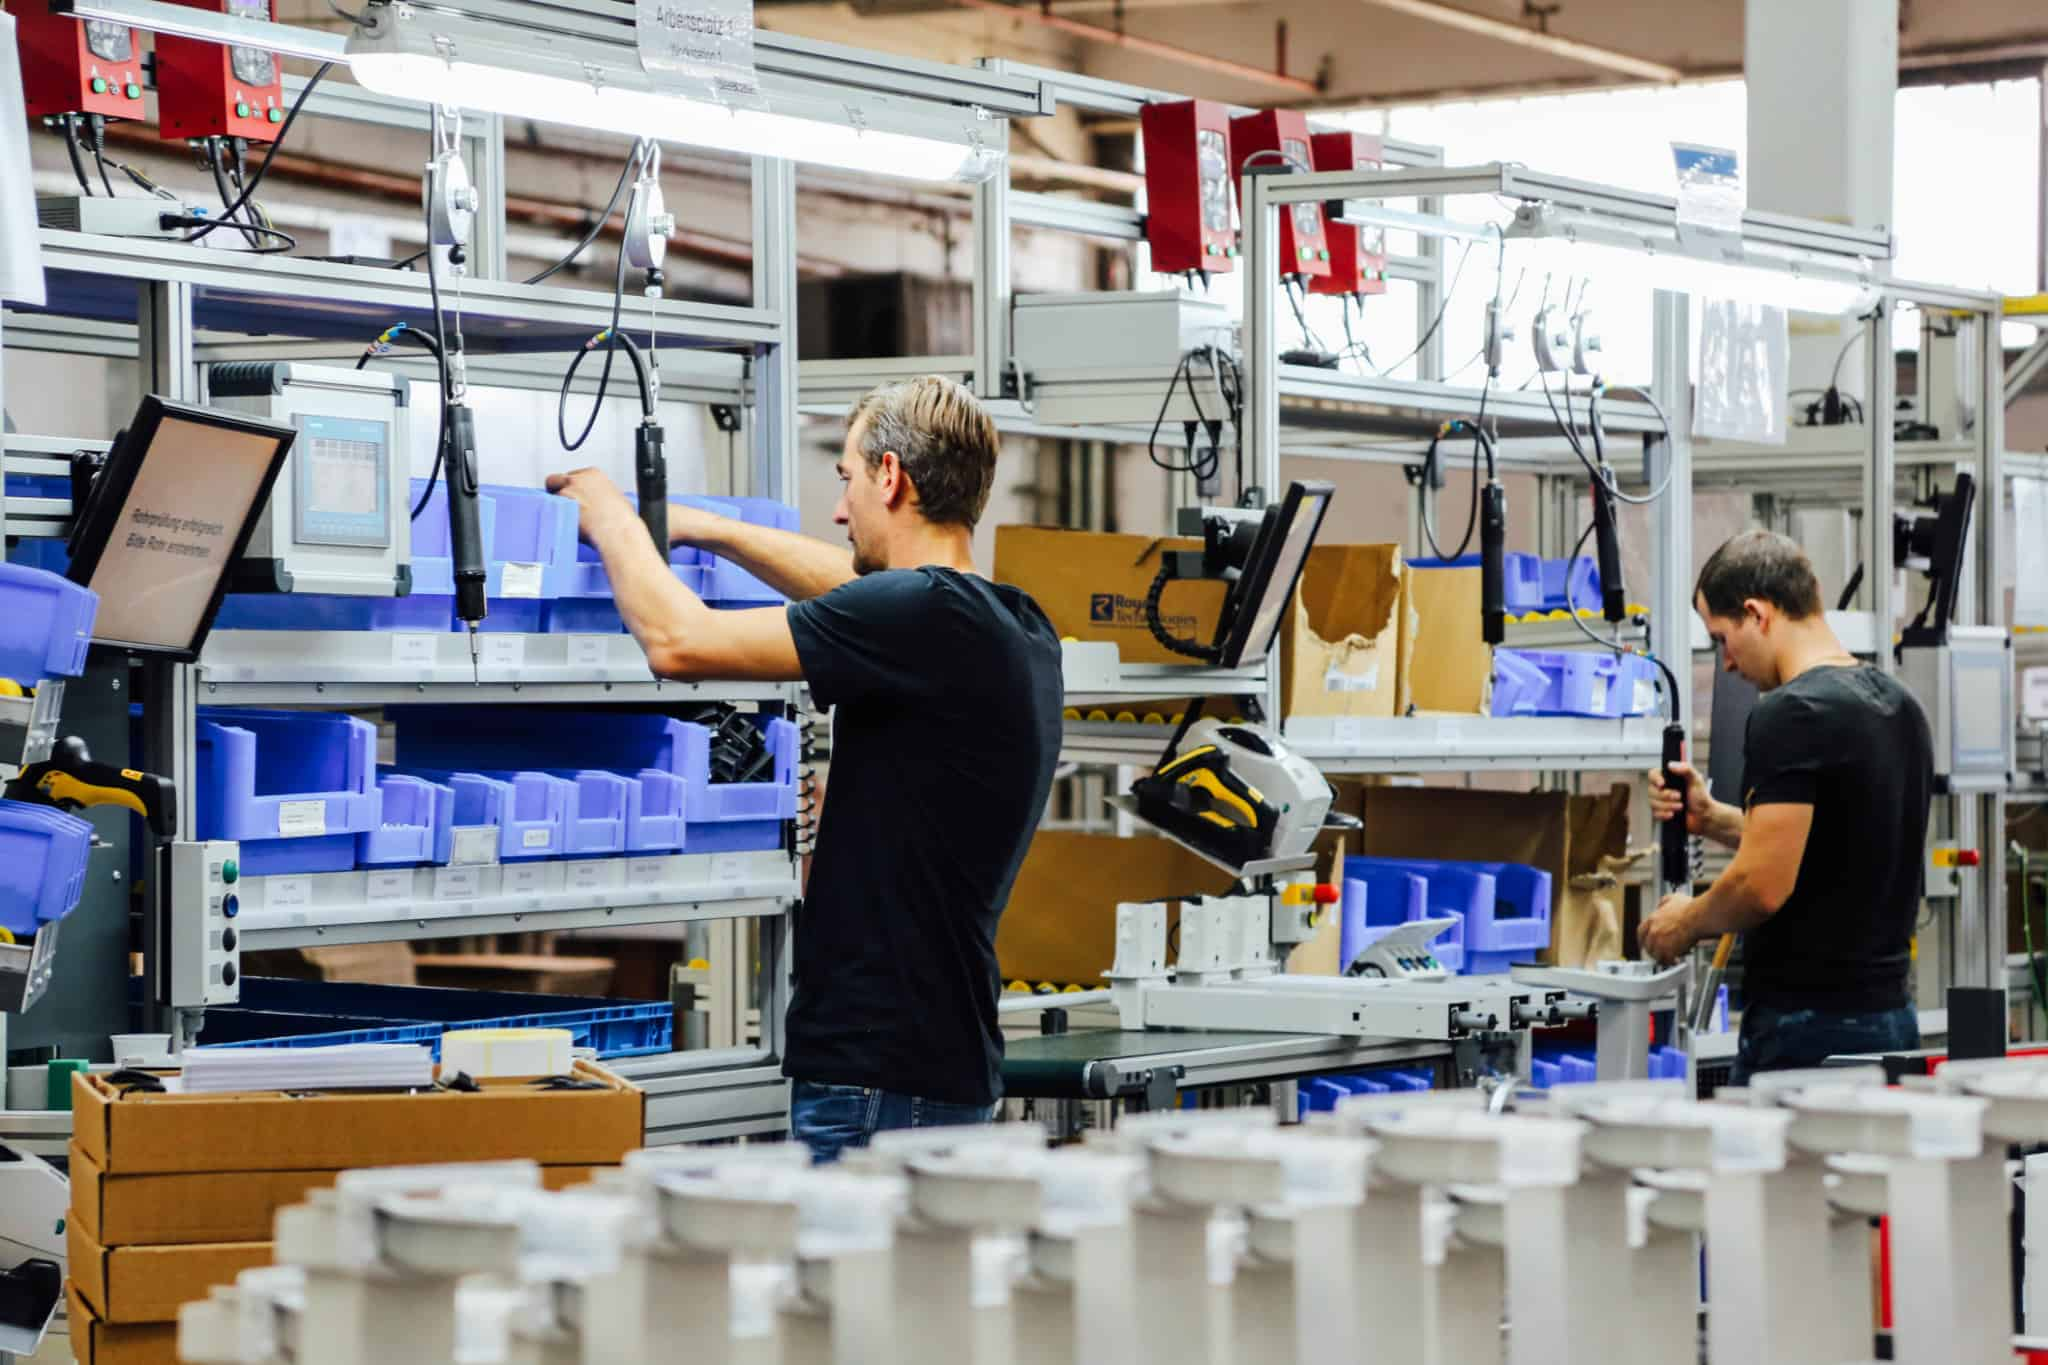 Dois trabalhadores numa fábrica